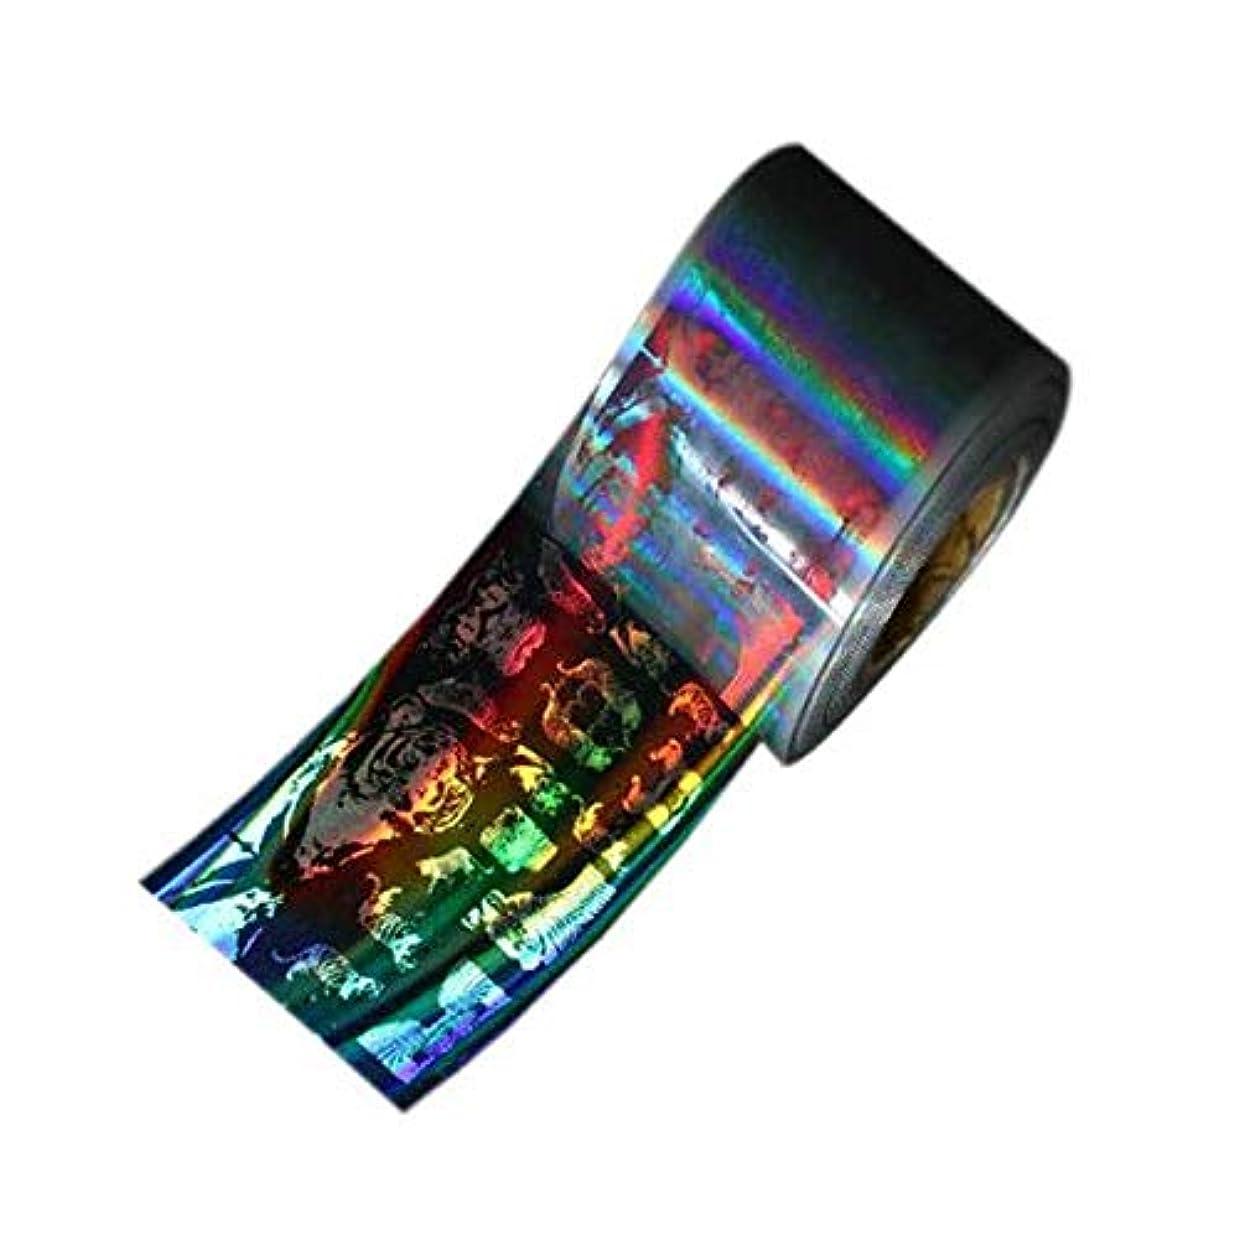 熱心酸アーネストシャクルトンSUKTI&XIAO ネイルステッカー 4Cm * 100M 1ロールネイルフォイルレーザーホログラフィックブラックフラワーネイルフィルムフルカバーネイルステッカー転写フォイルデカール、赤